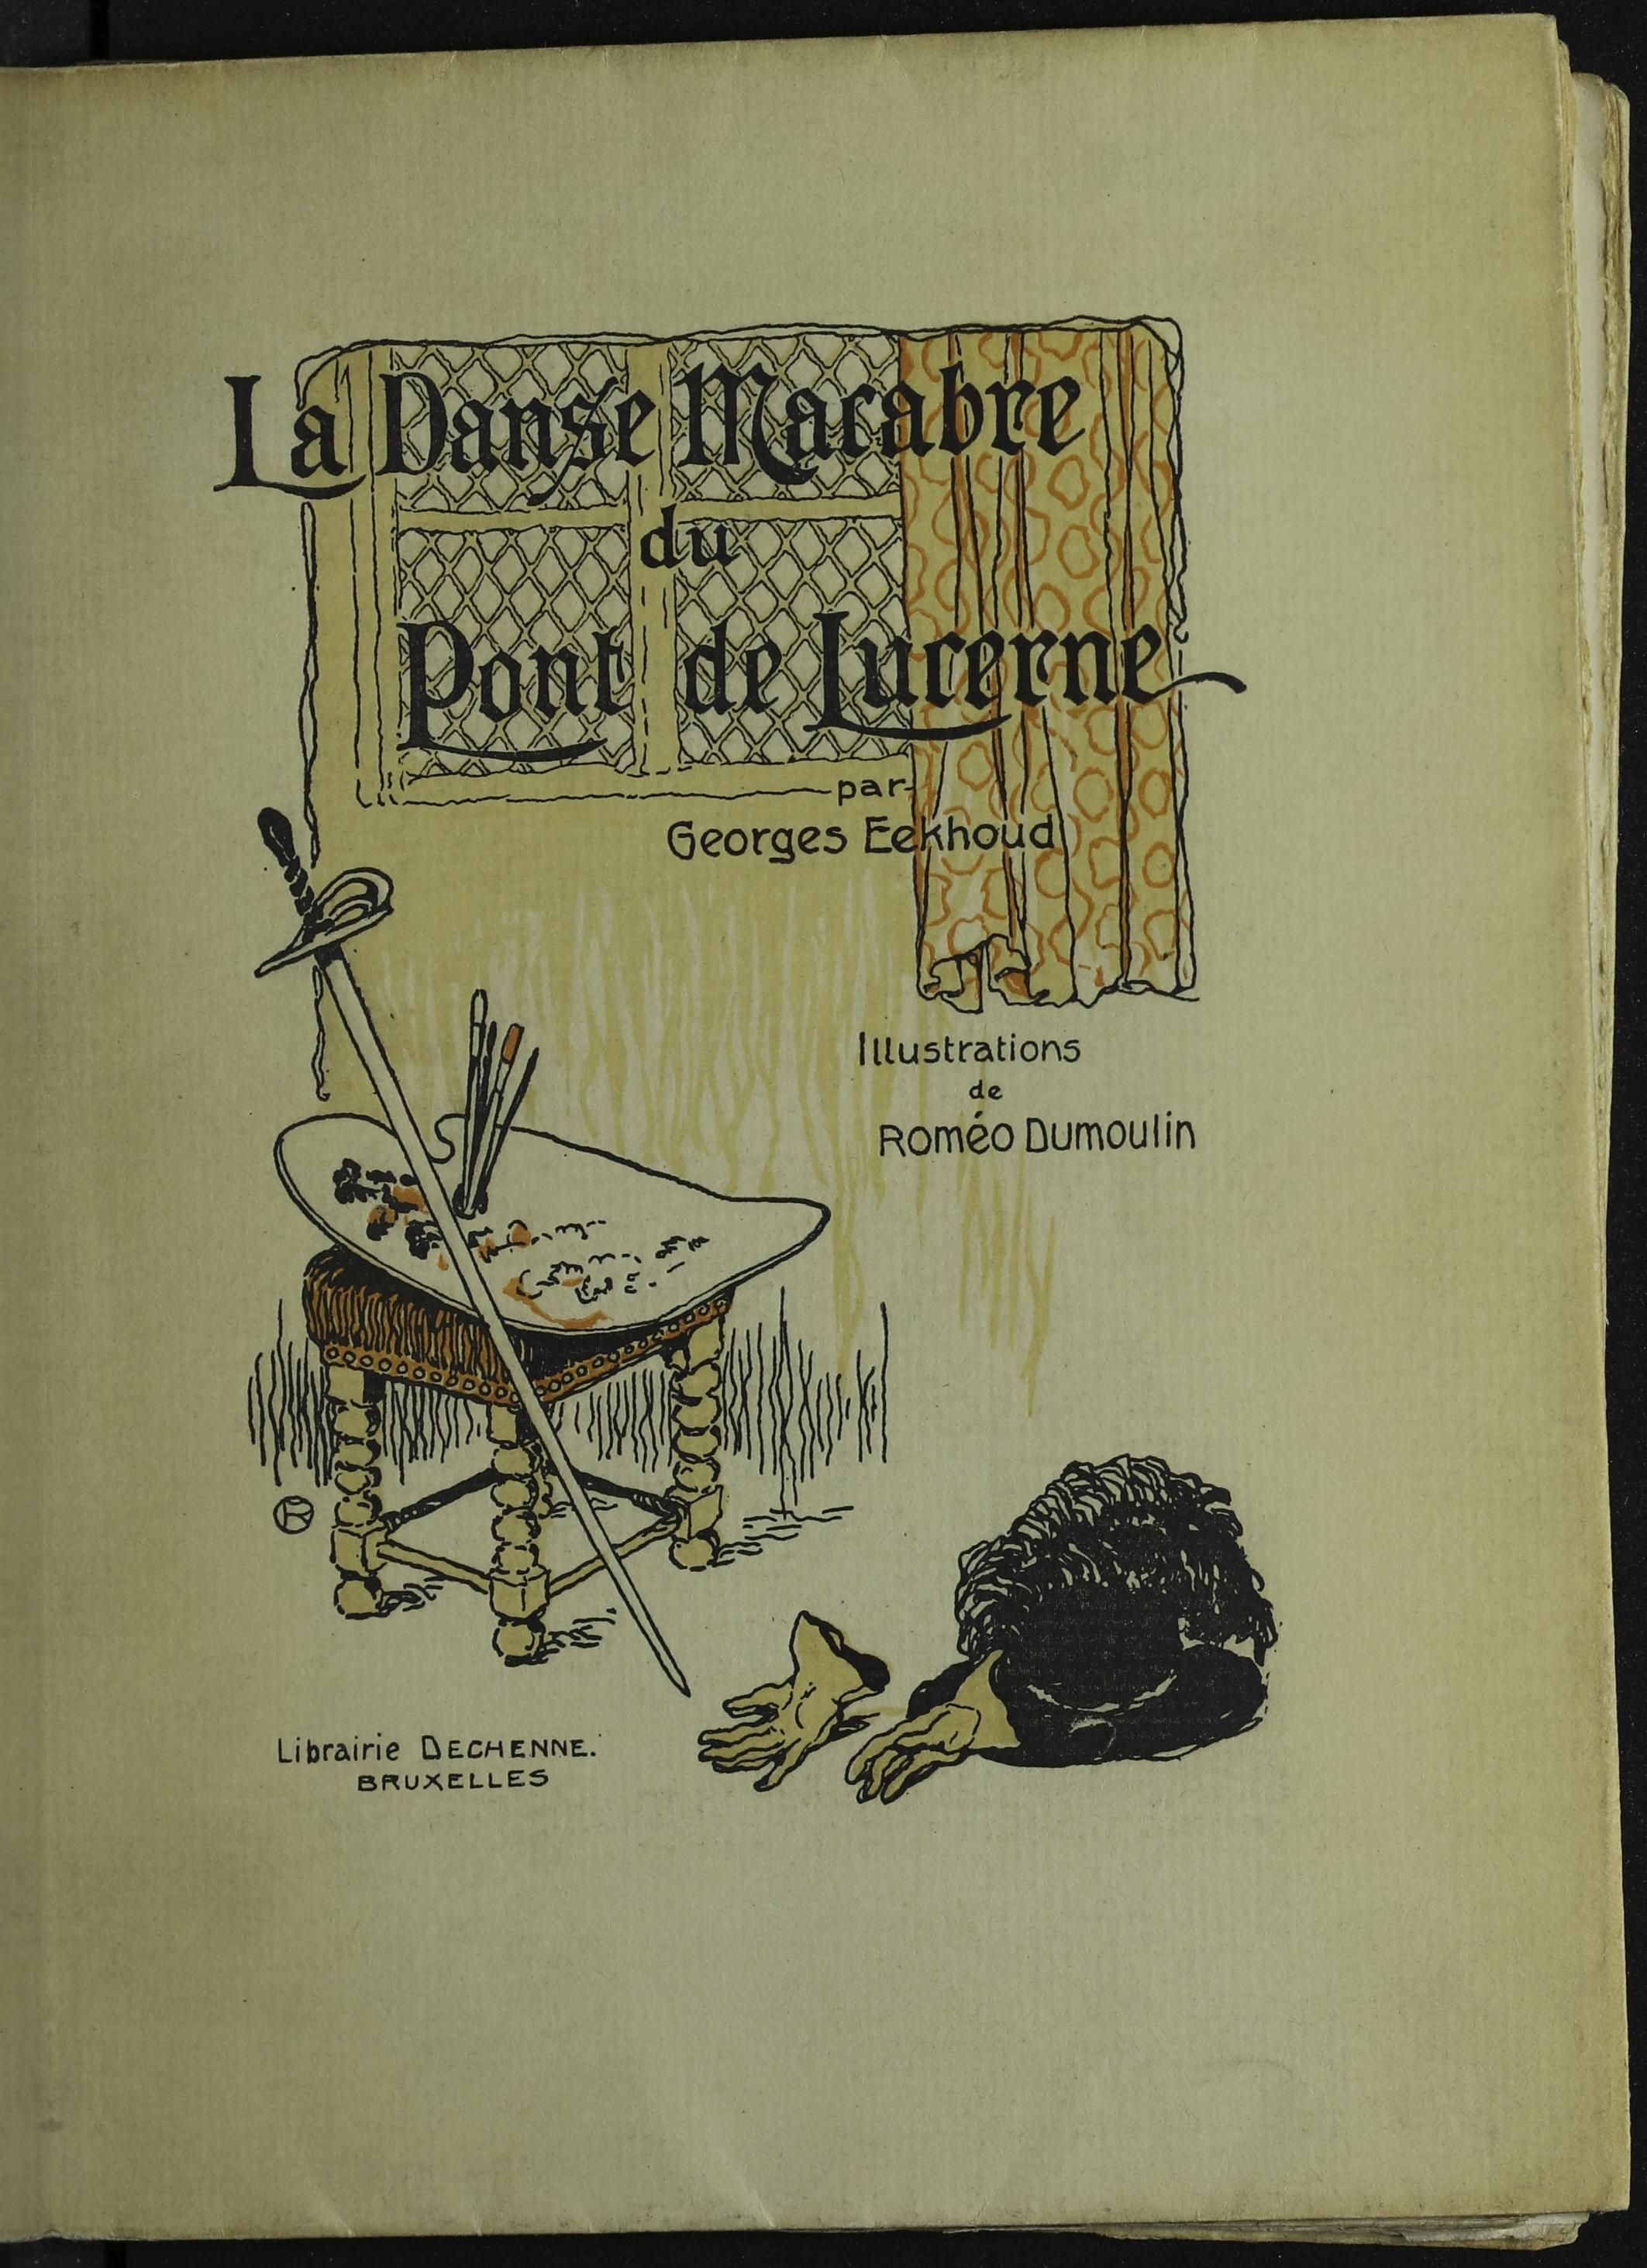 La danse macabre du Pont de Lucerne